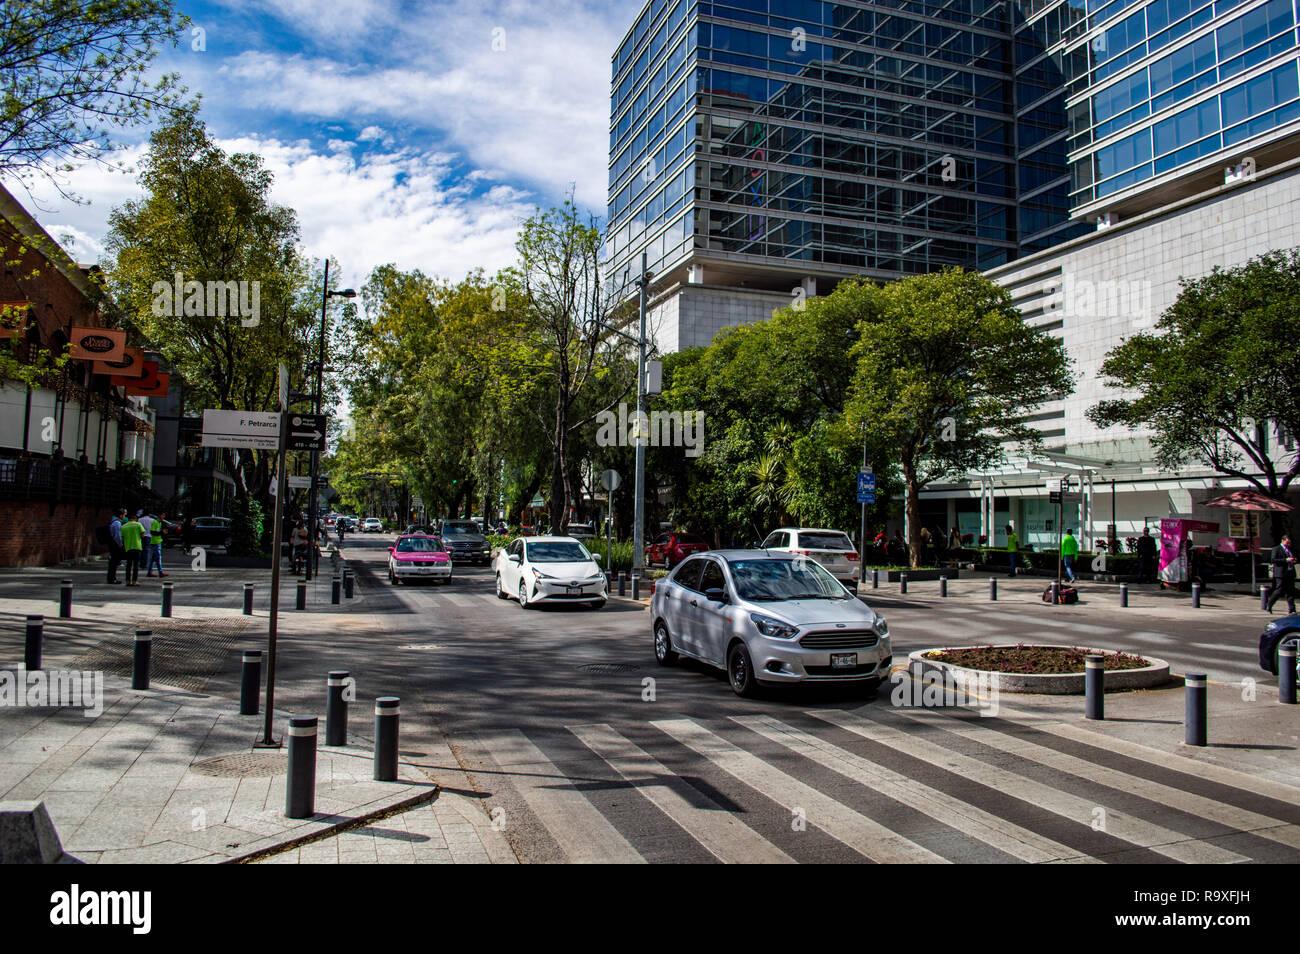 Avenida Presidente Masaryk in Polanco in Mexico City, Mexico - Stock Image